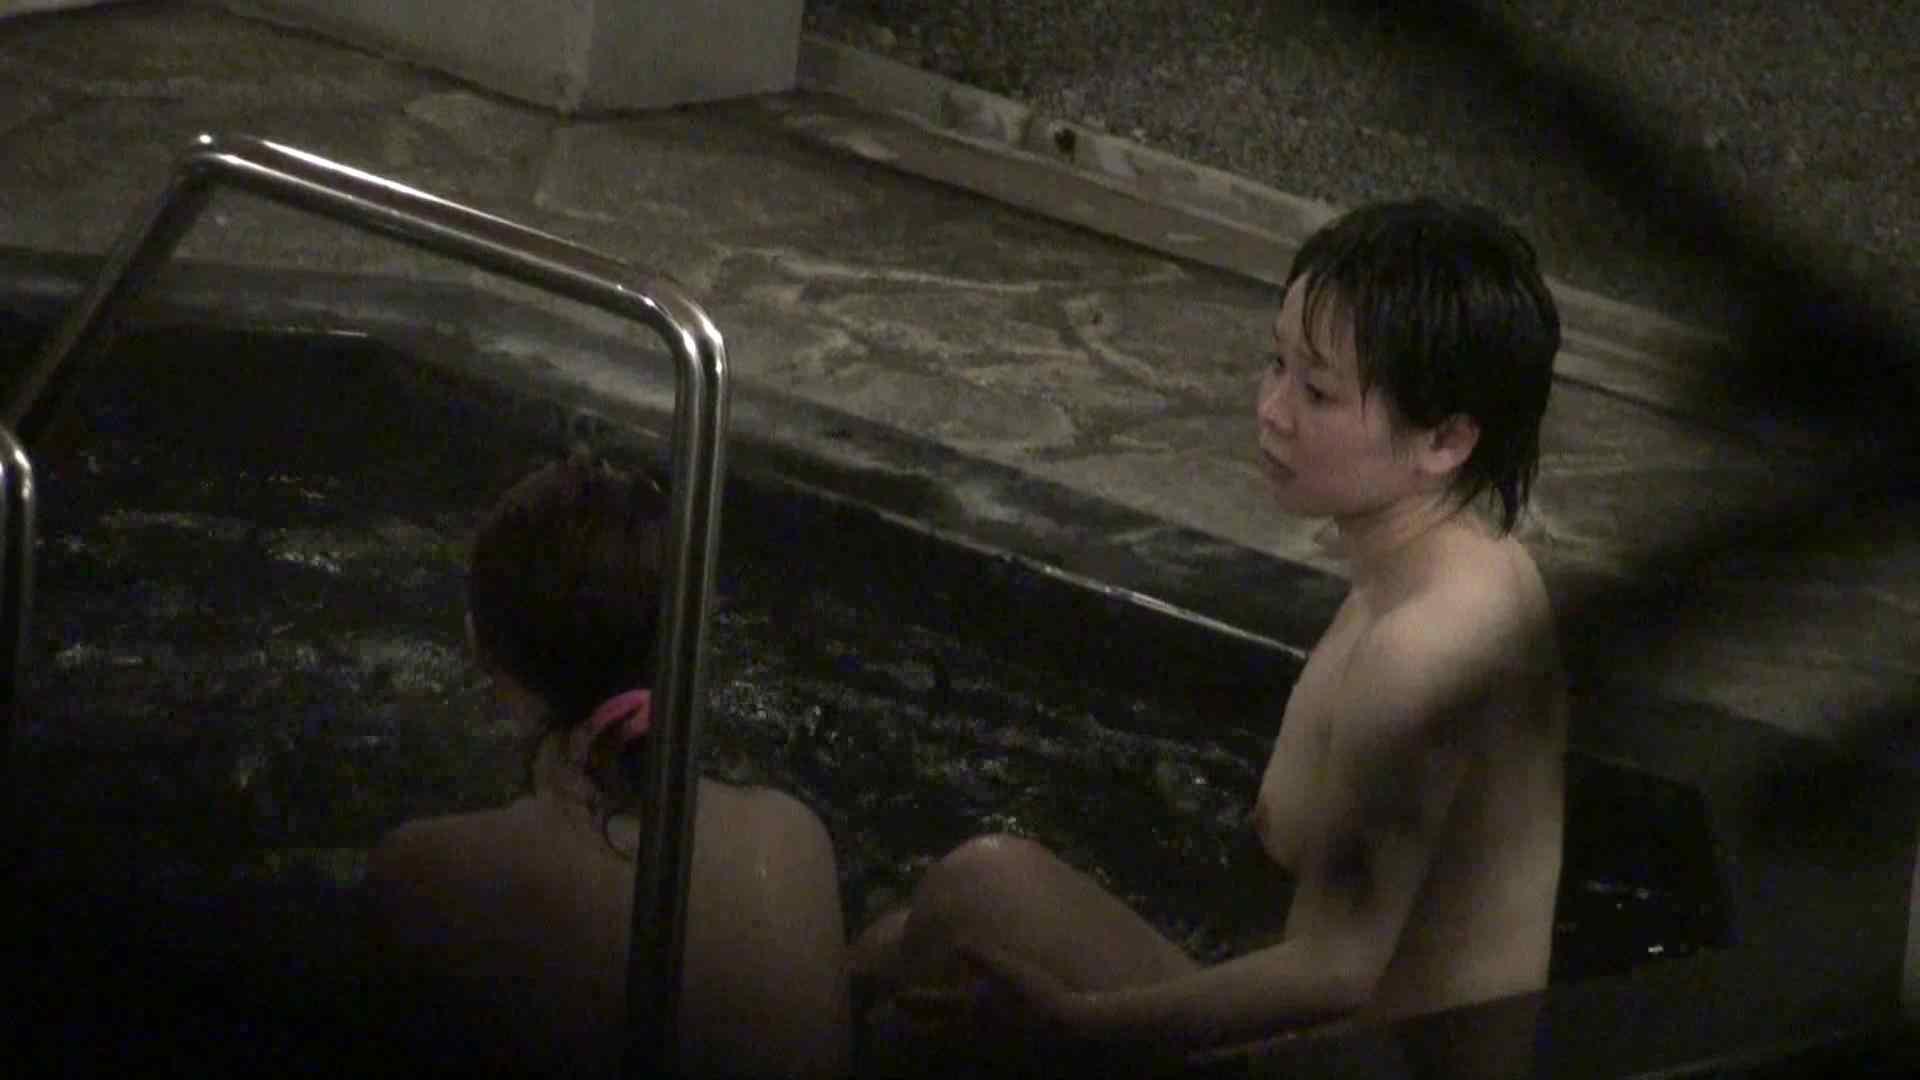 Aquaな露天風呂Vol.394 盗撮  99画像 87